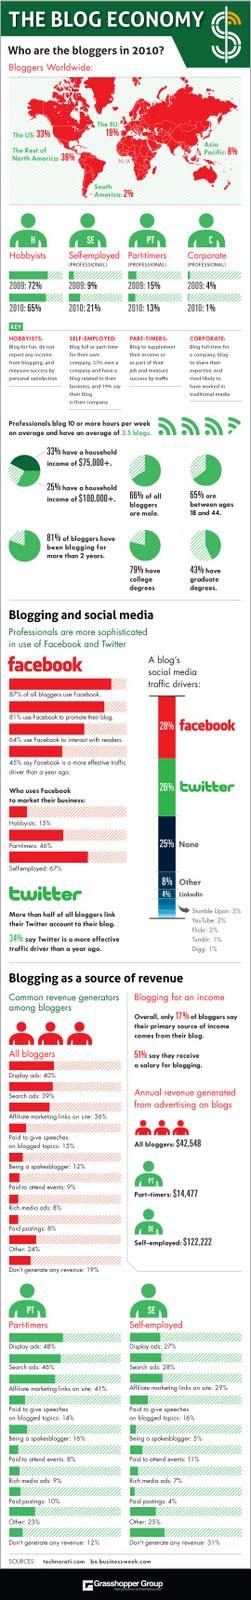 [Infográfico] Os números dos blogs em 2010